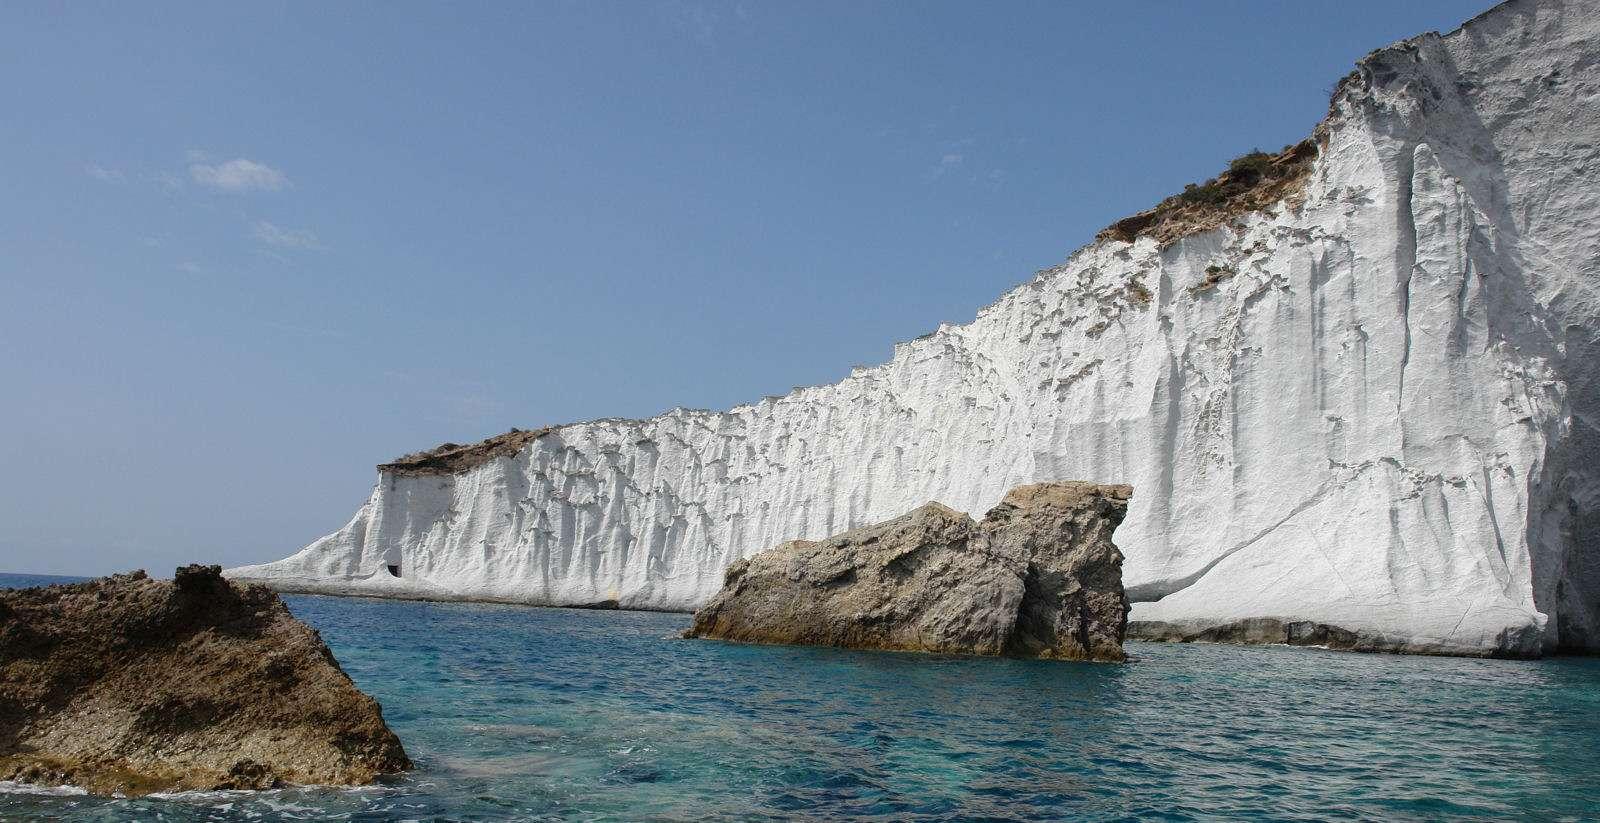 L'île de Ponza